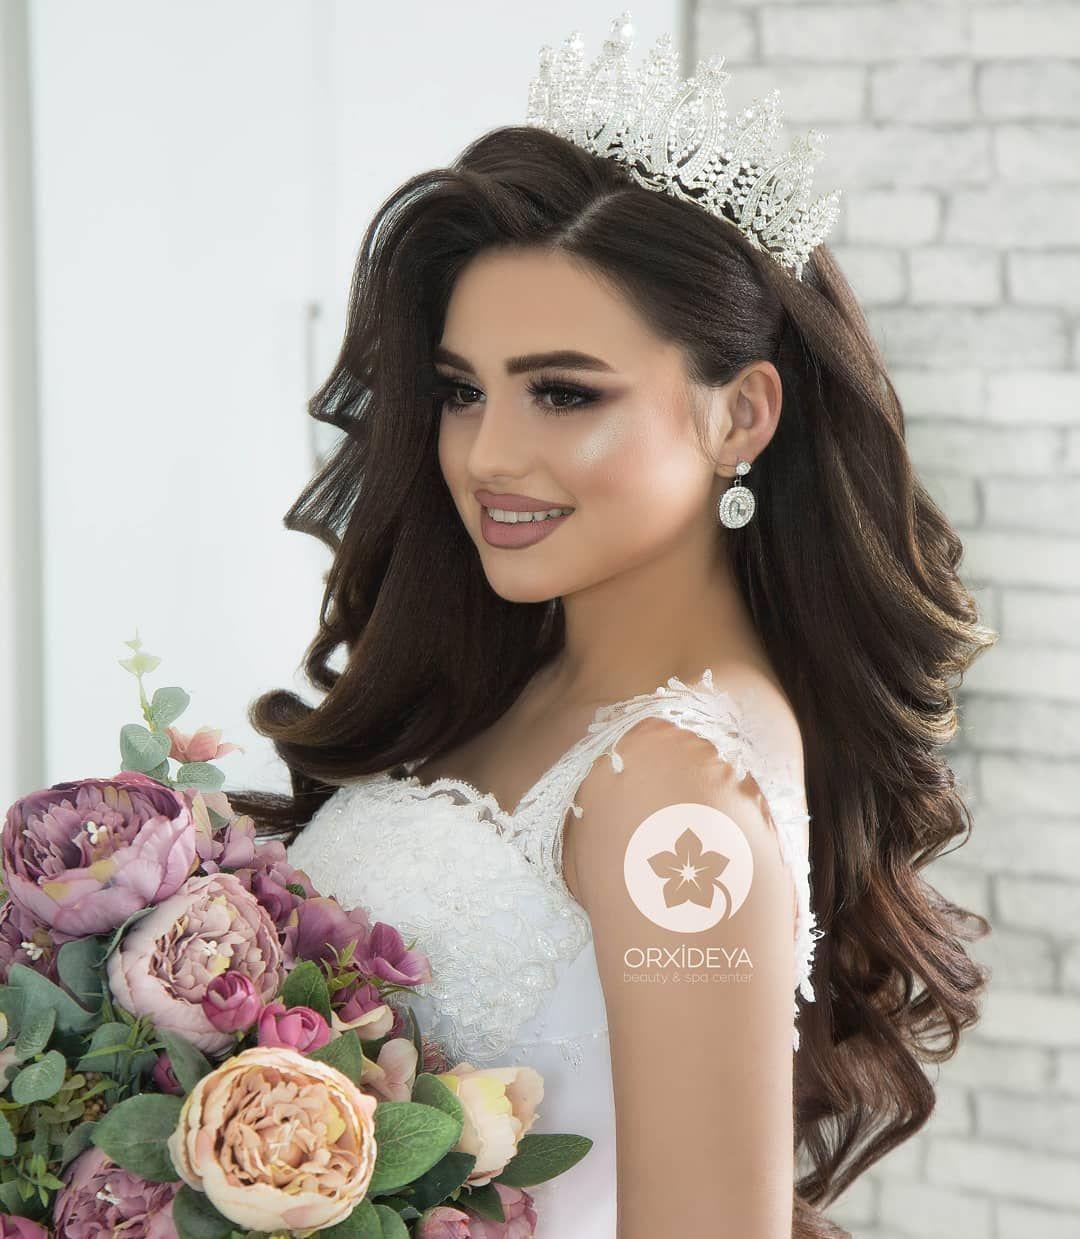 Bild Konnte Enthalten 1 Person Hochzeit Fryzura Frisur Frisuren Haar Hochzeitsfrisuren Hoch Gelin Sac Stili Mezuniyet Balosu Sac Stilleri Dugun Saci